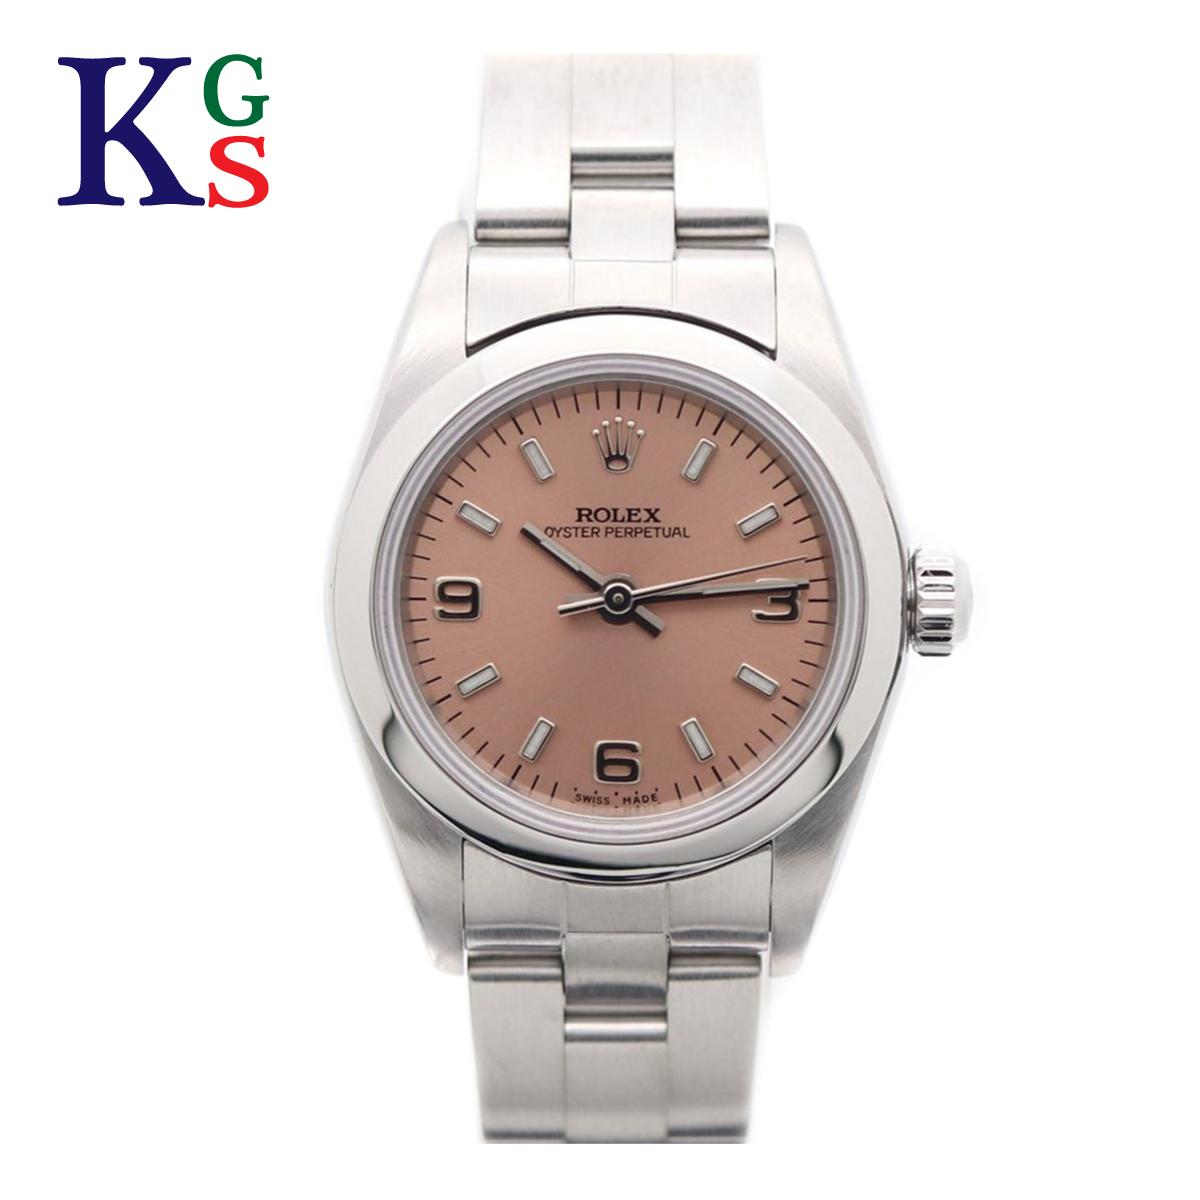 【ギフト品質】ロレックス/ROLEX レディース 腕時計 オイスターパーペチュアル アラビアインデックス ピンク文字盤 シルバー 76080 自動巻き 1227